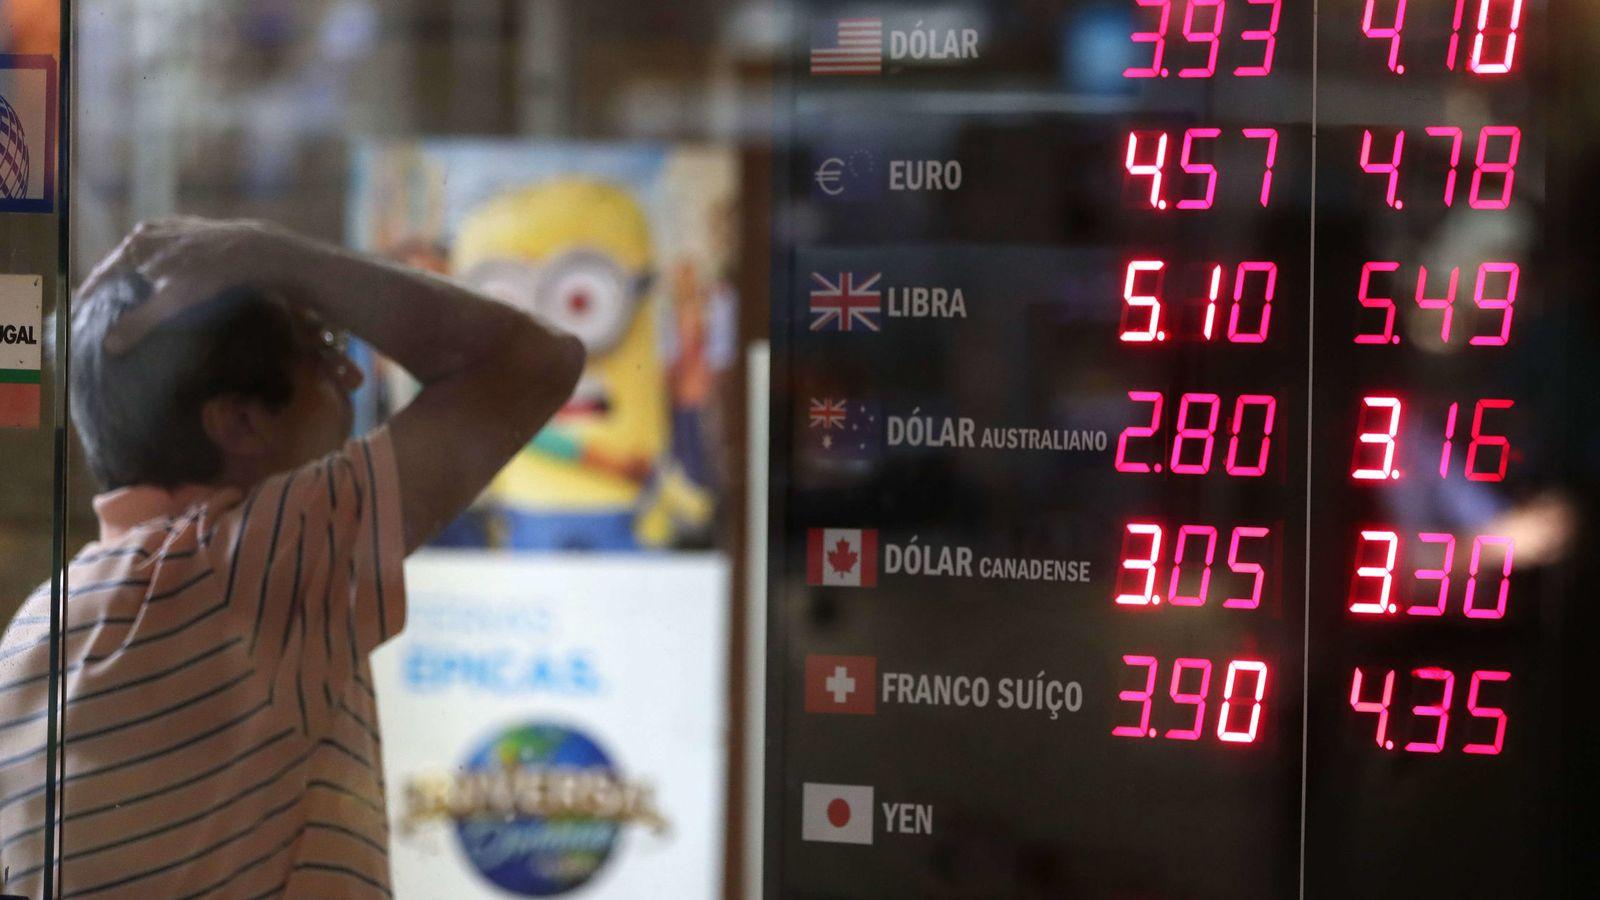 Foto: Un hombre frente a una casa de cambio en Brasil. (EFE)